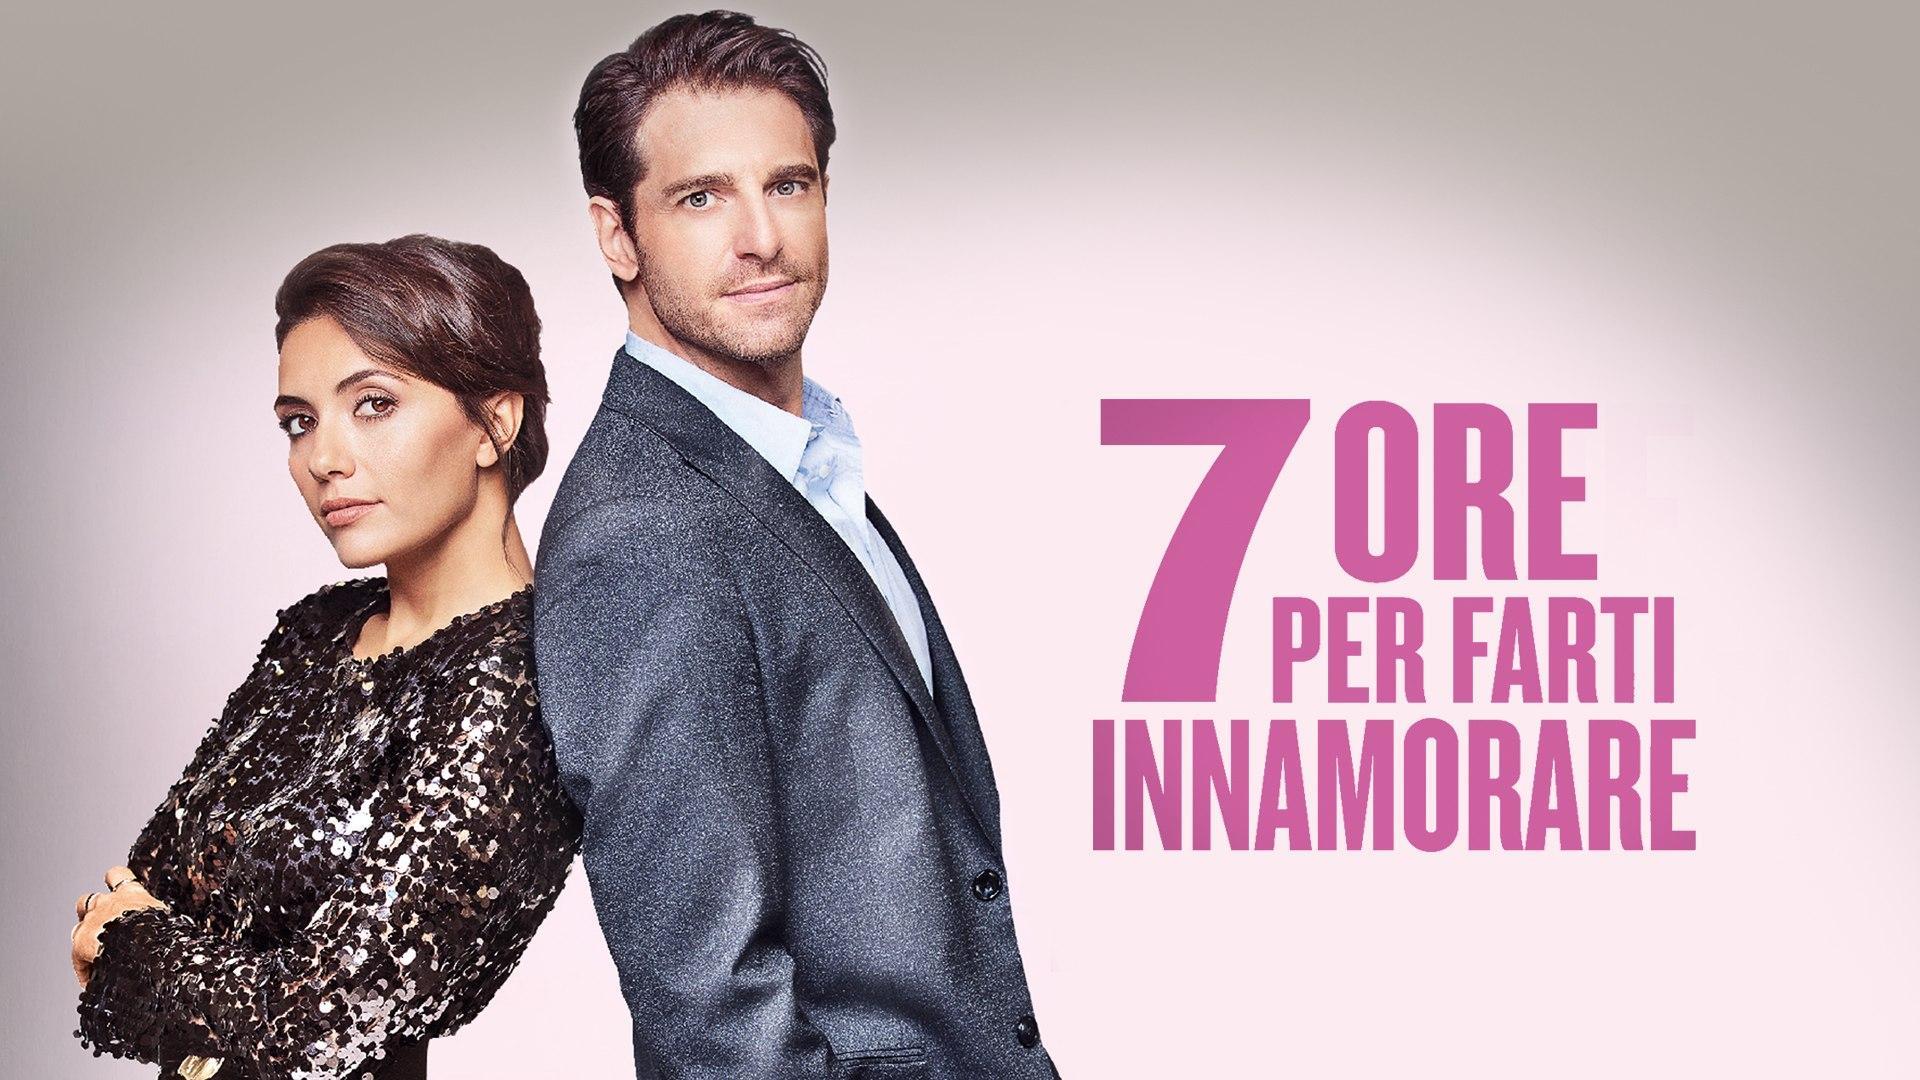 Martedi 15 Settembre 2020 Sky Cinema HD, 7 ore per farti innamorare